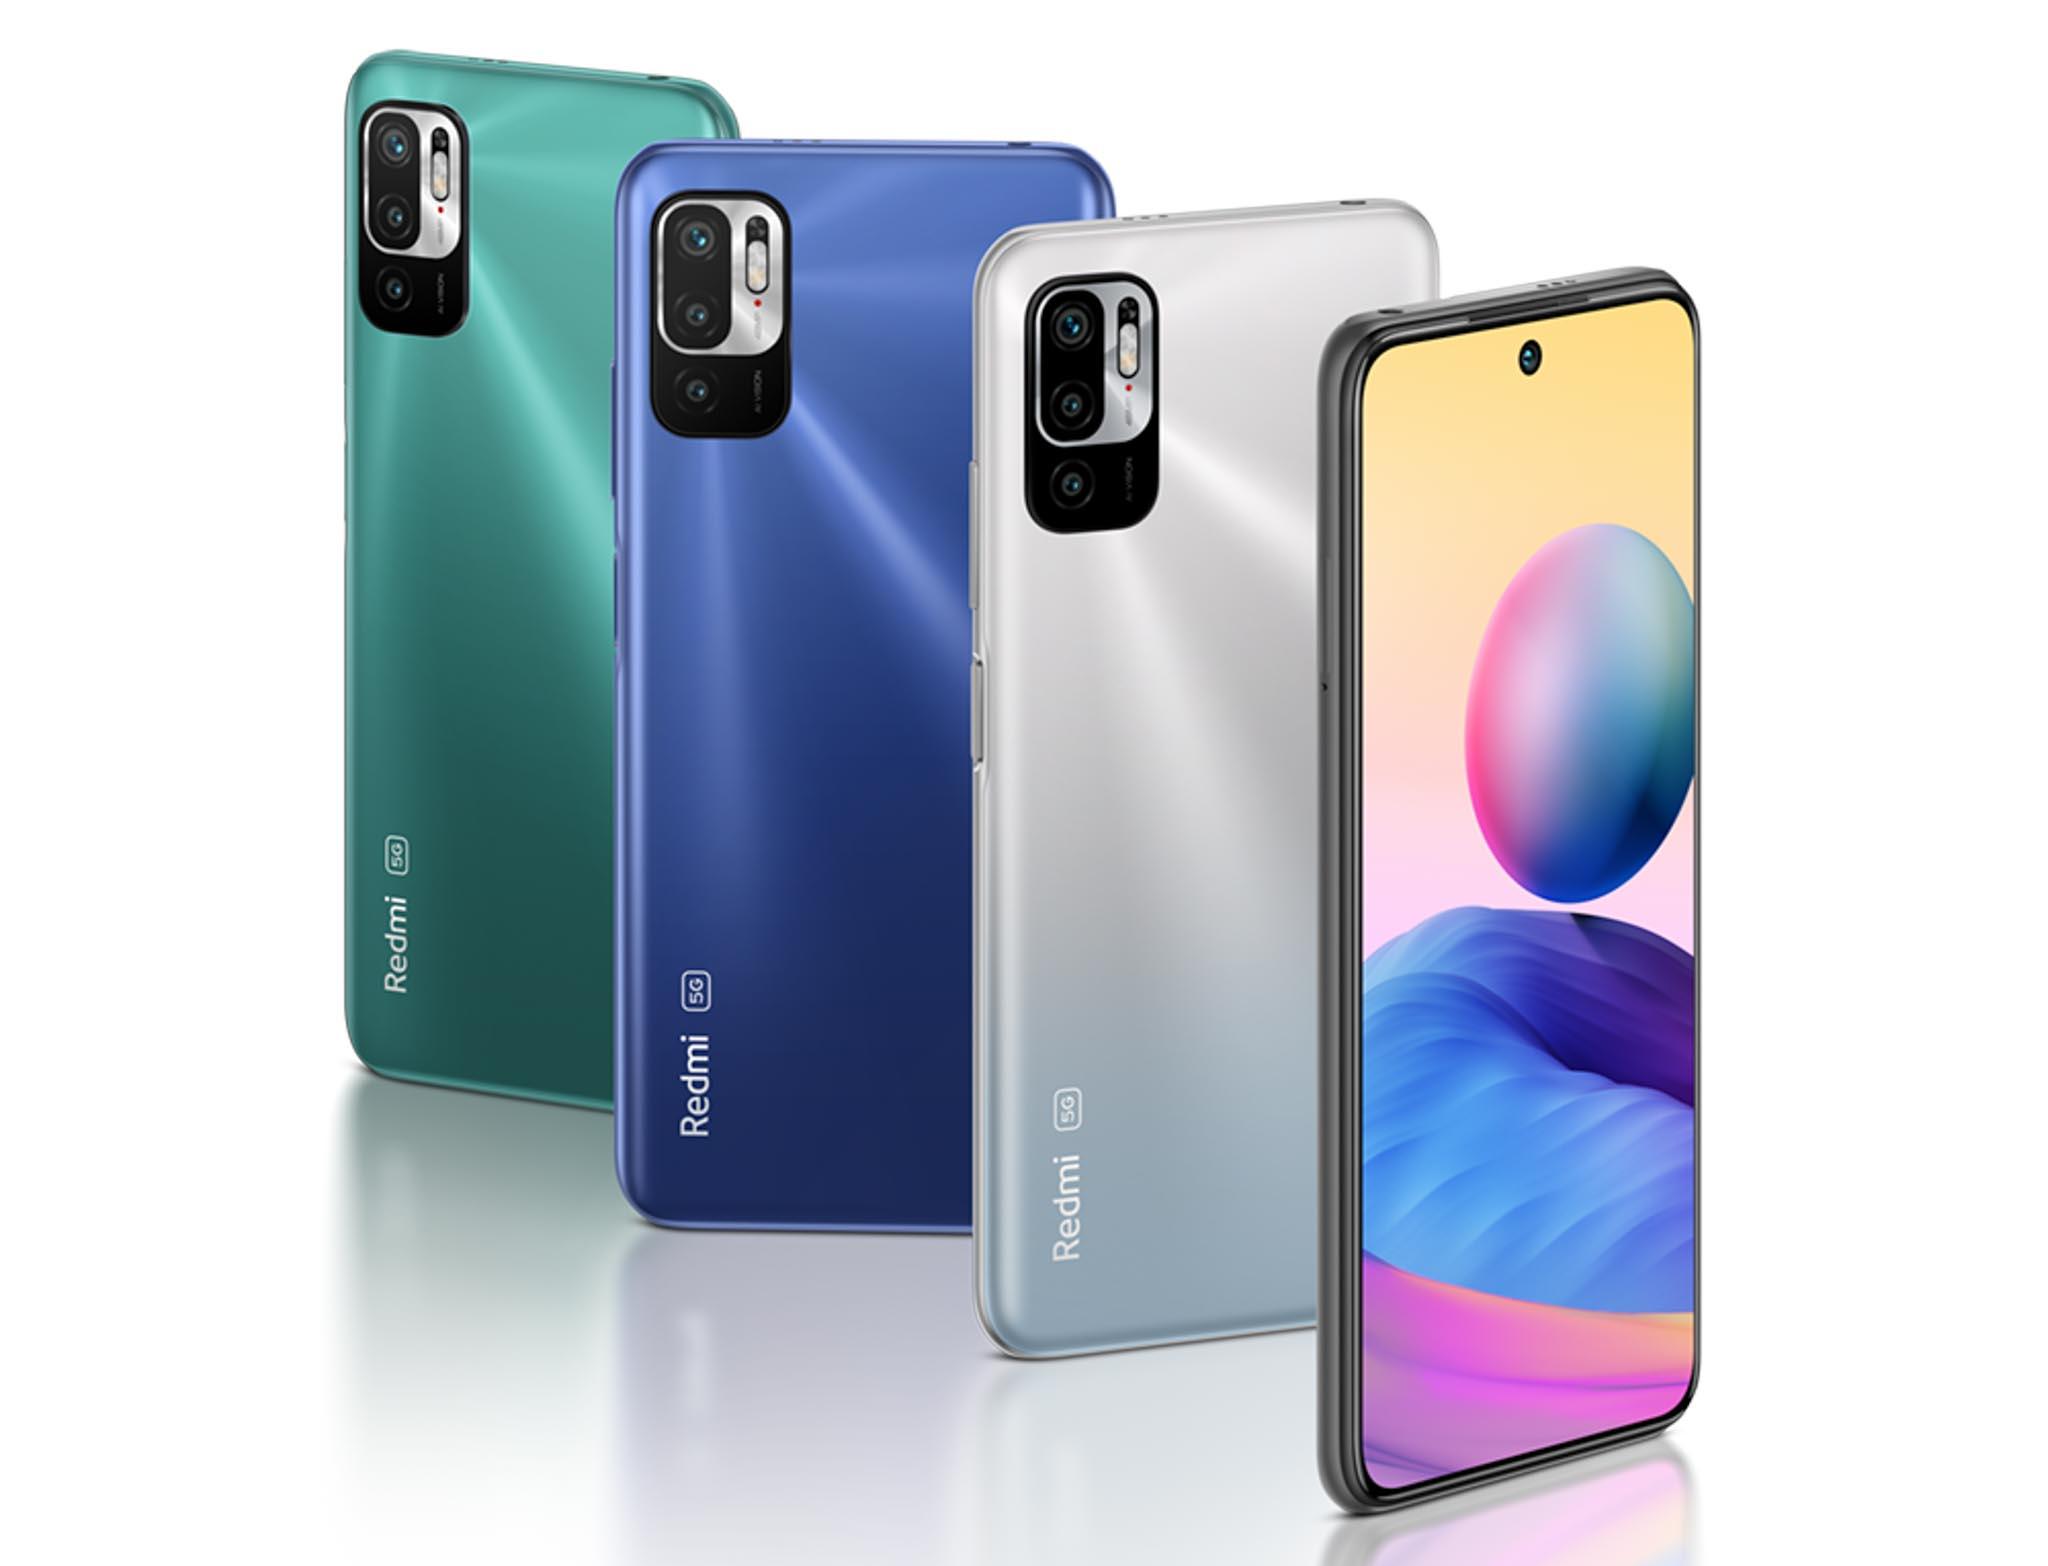 Redmi Note 10 5G chính thức ra mắt thị trường Việt: Tay đua hiệu suất với kết nối 5G giá tốt nhất